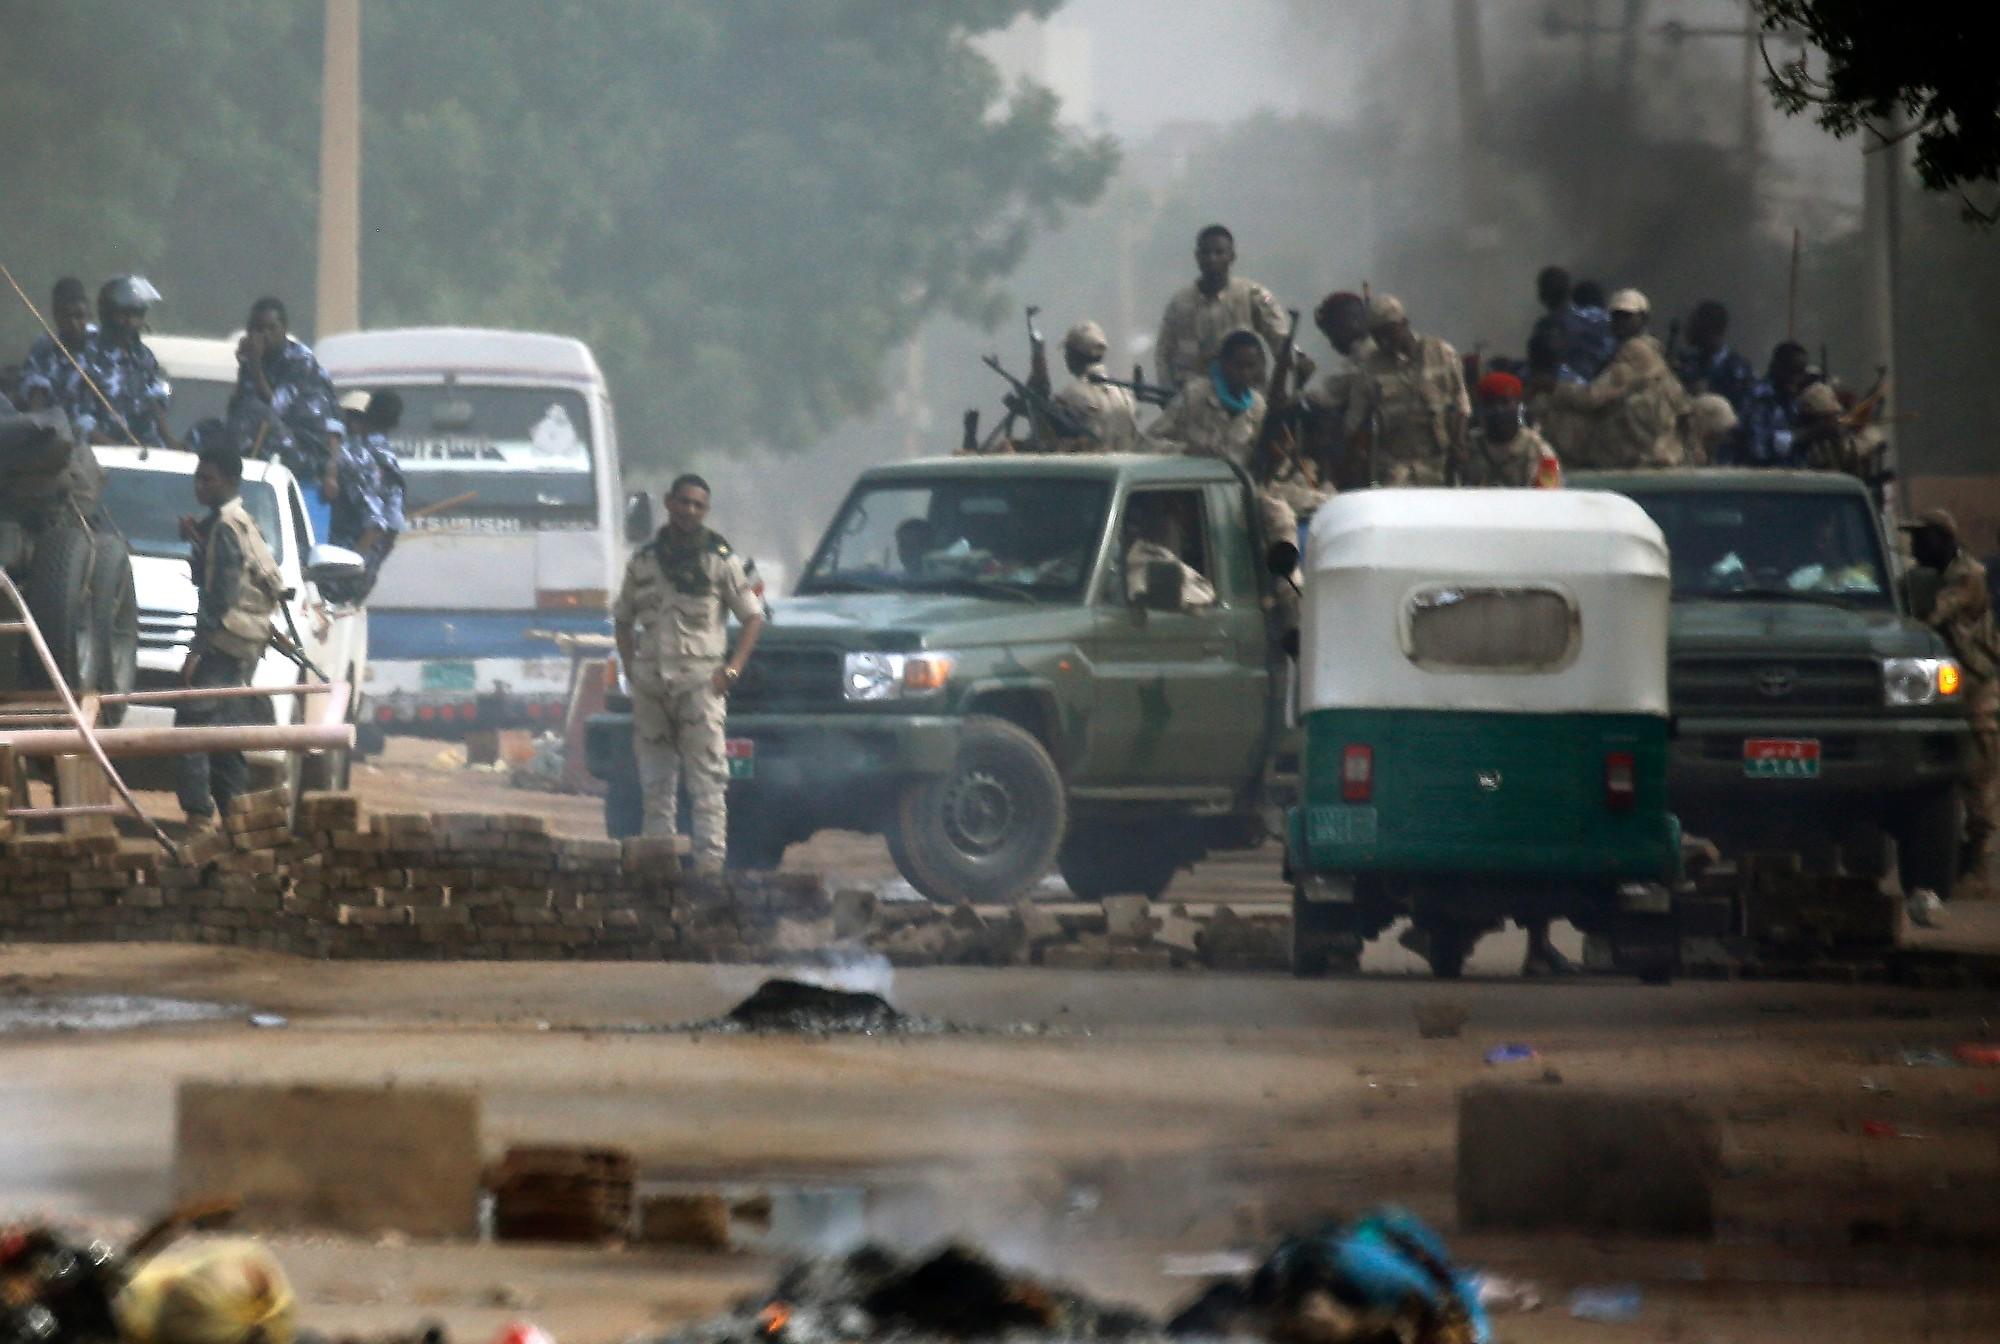 蘇丹軍隊開槍射擊靜坐人群 導致多人死傷